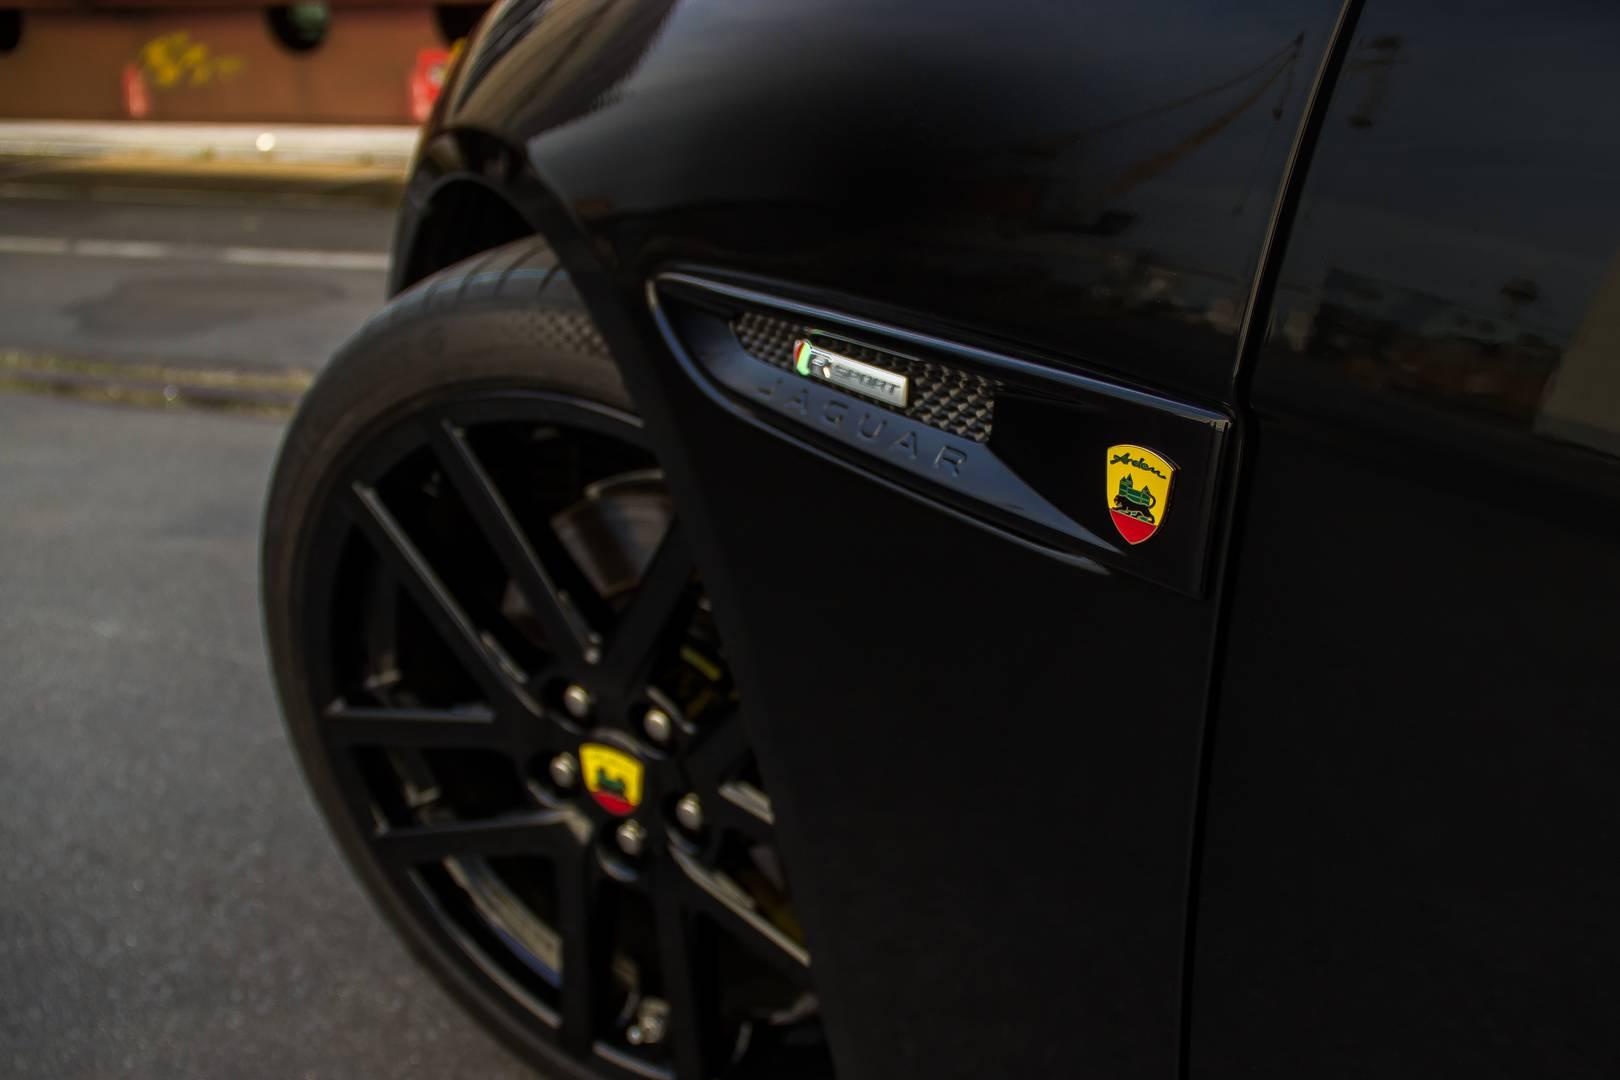 Чтобы 19-дюймовые колеса еще лучше заполнили арку, был установлен набор пружин Arden Sport, который уменьшает высоту автомобиля на 30 милиметров ниже.